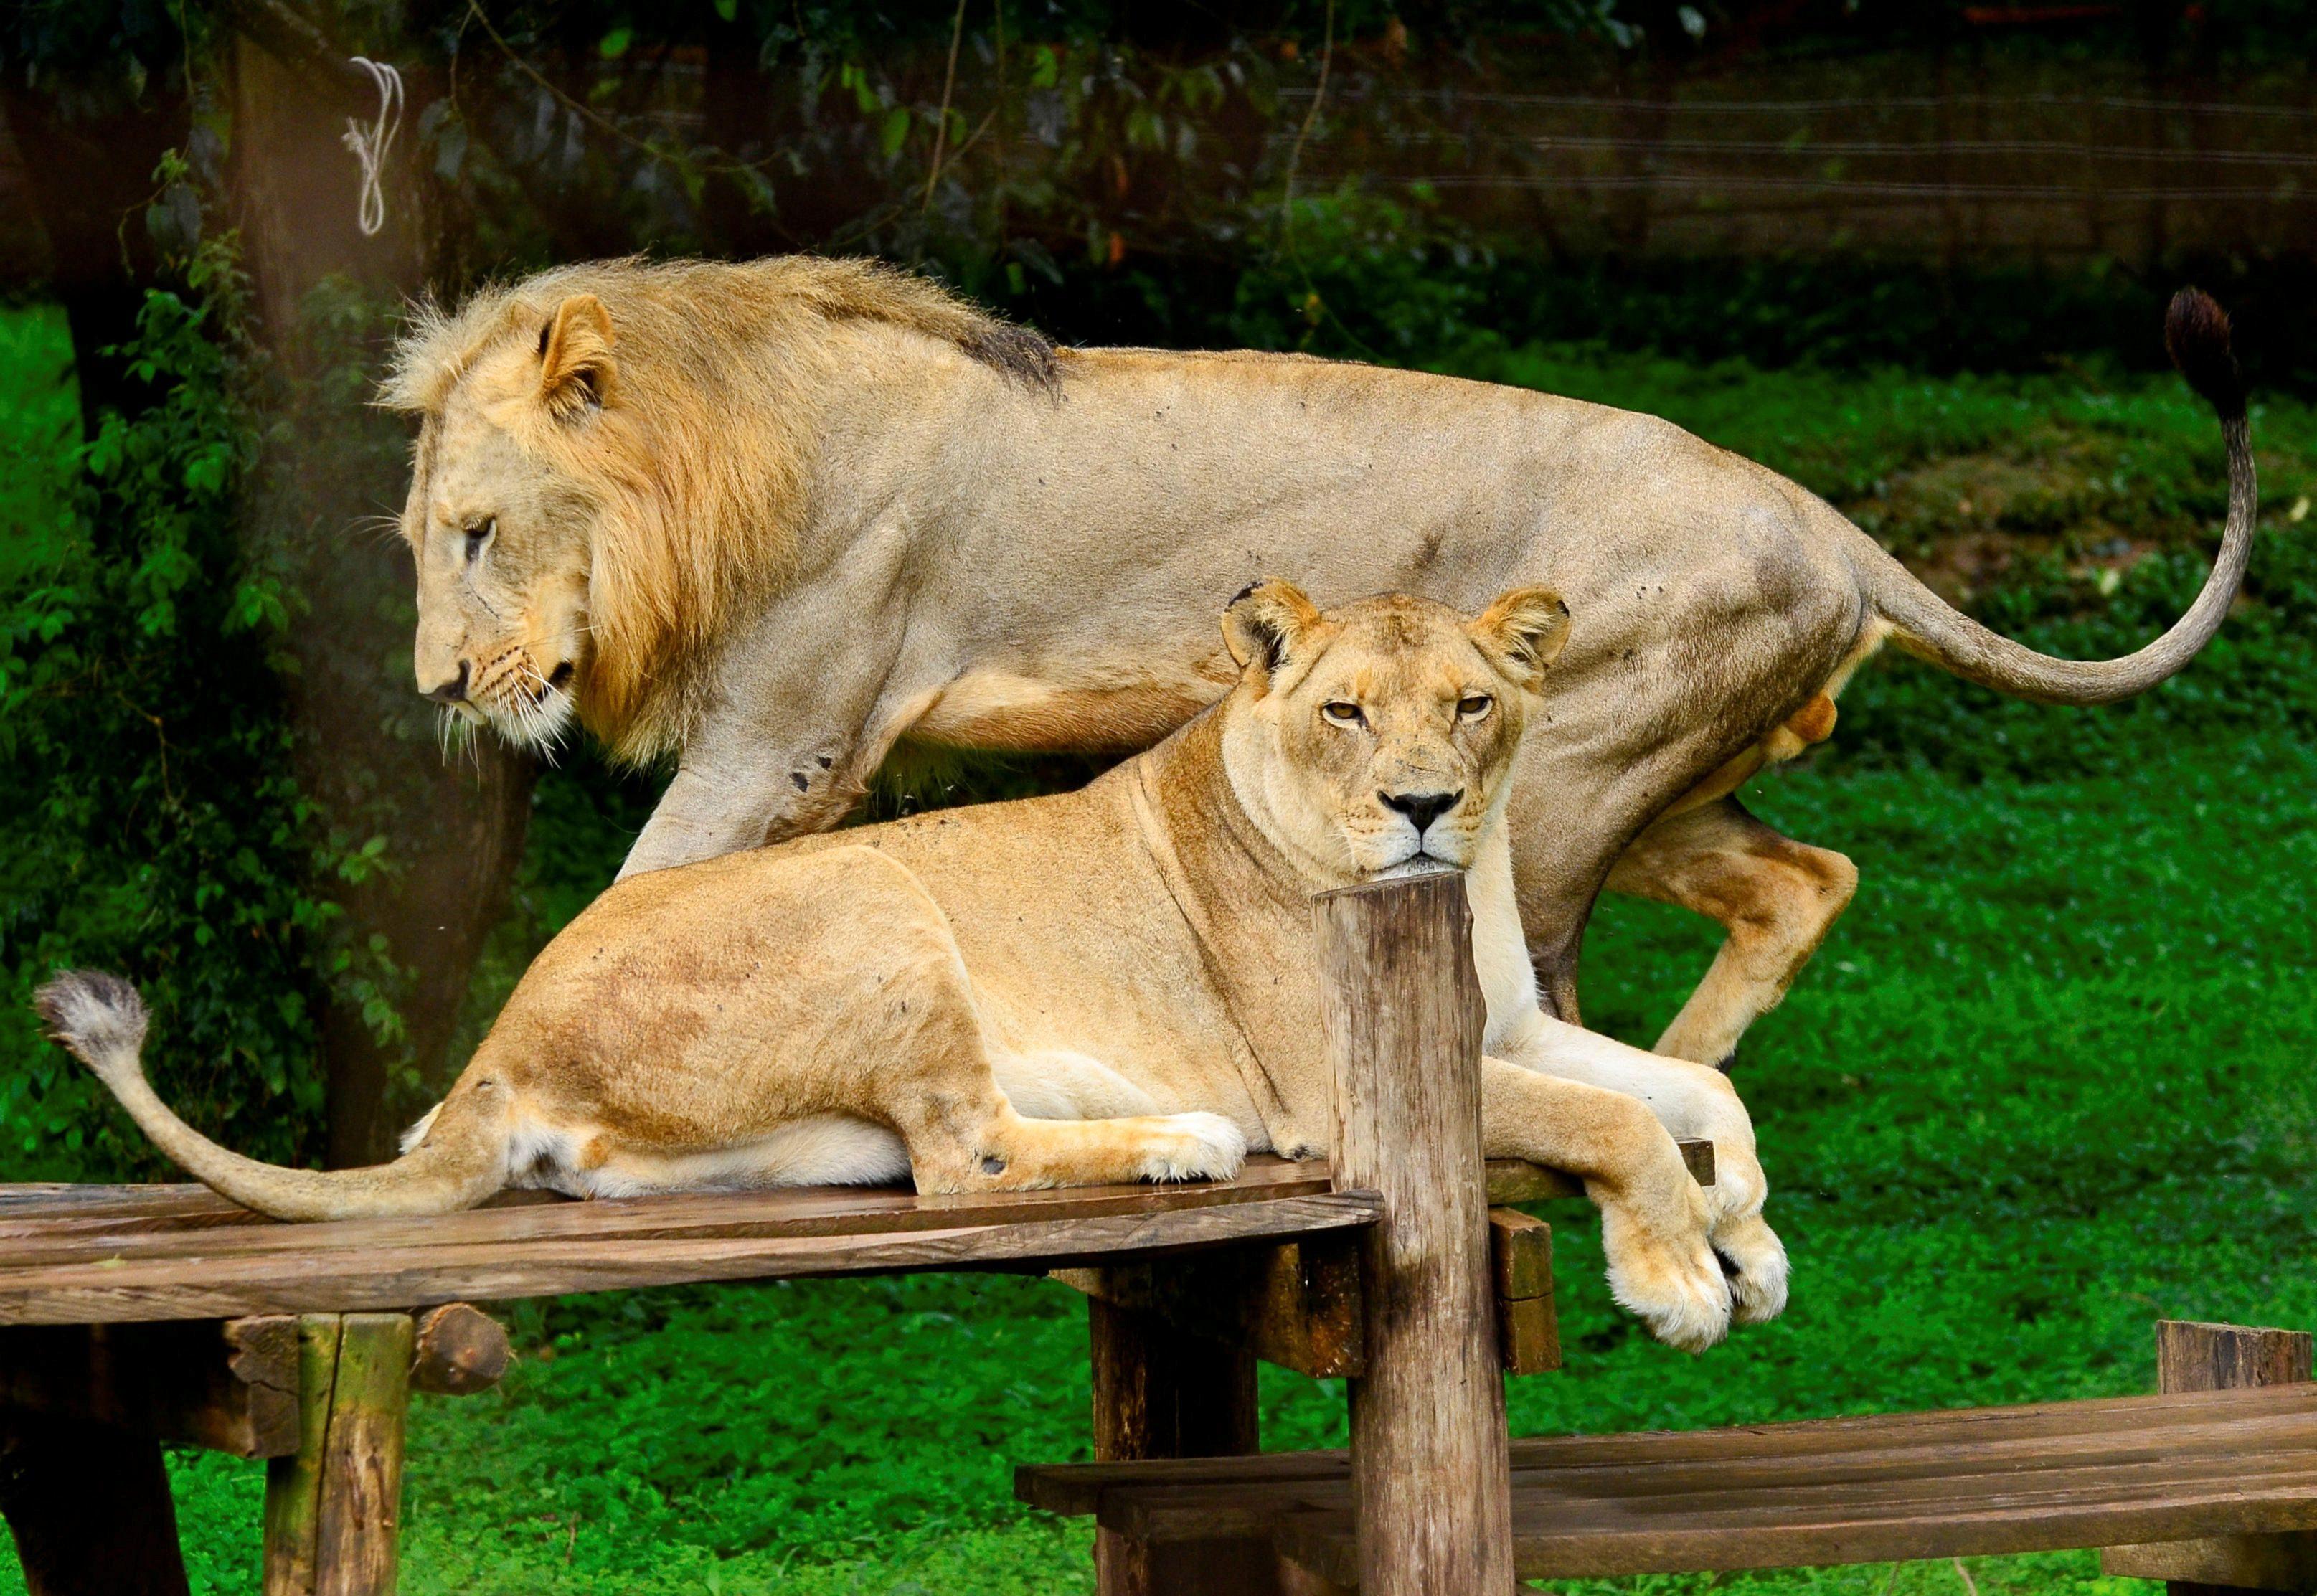 สวนสัตว์บร็องซ์ เจอเสือติดโควิด-19 เพิ่ม 4 ตัว สิงโตติดด้วย 3 ตัว